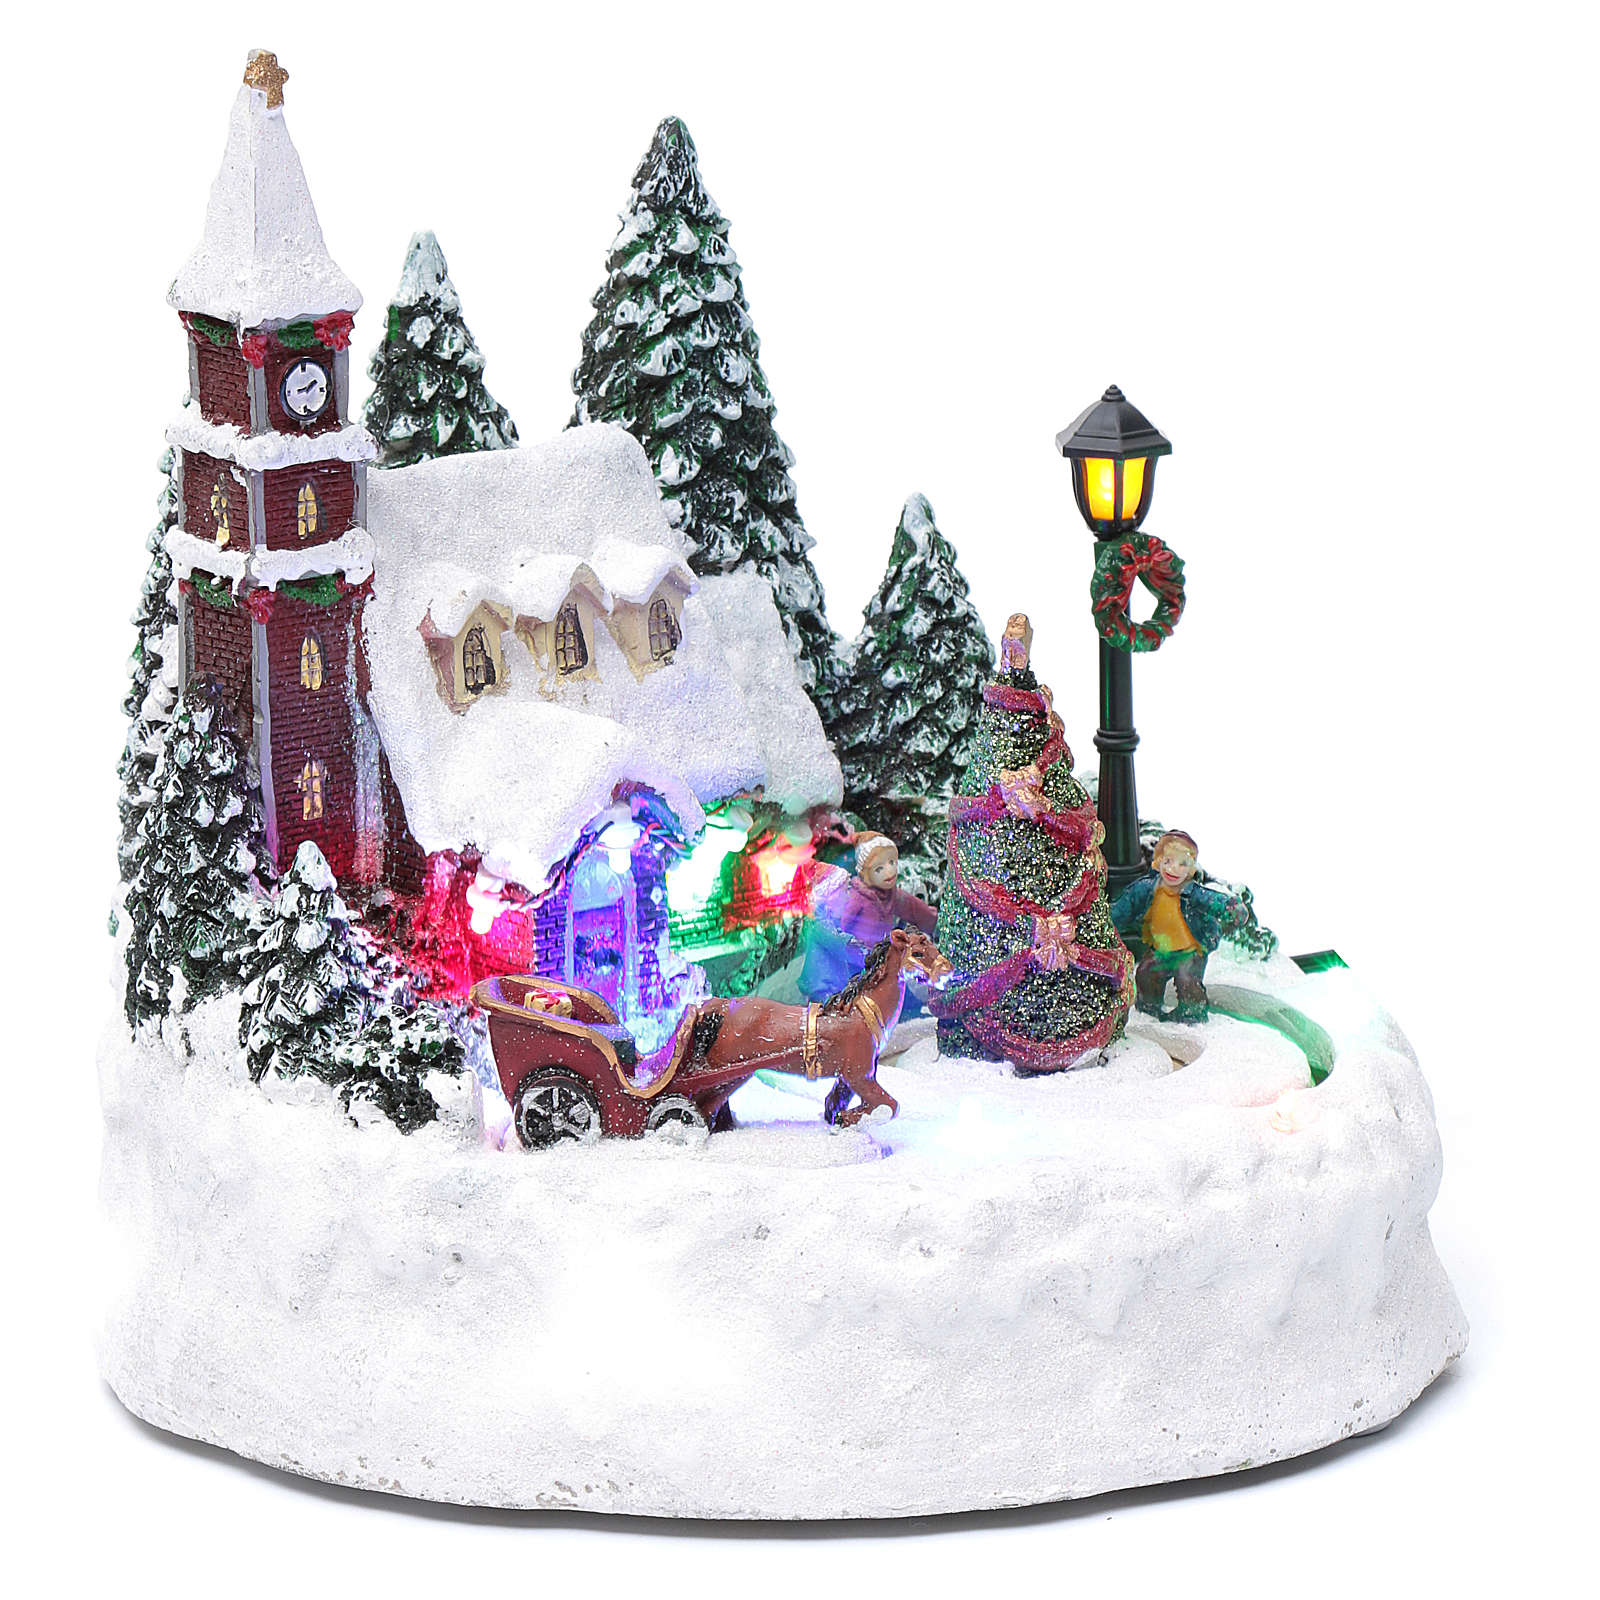 Villaggio di Natale illuminato bambini in movimento 20x20x15 cm 3